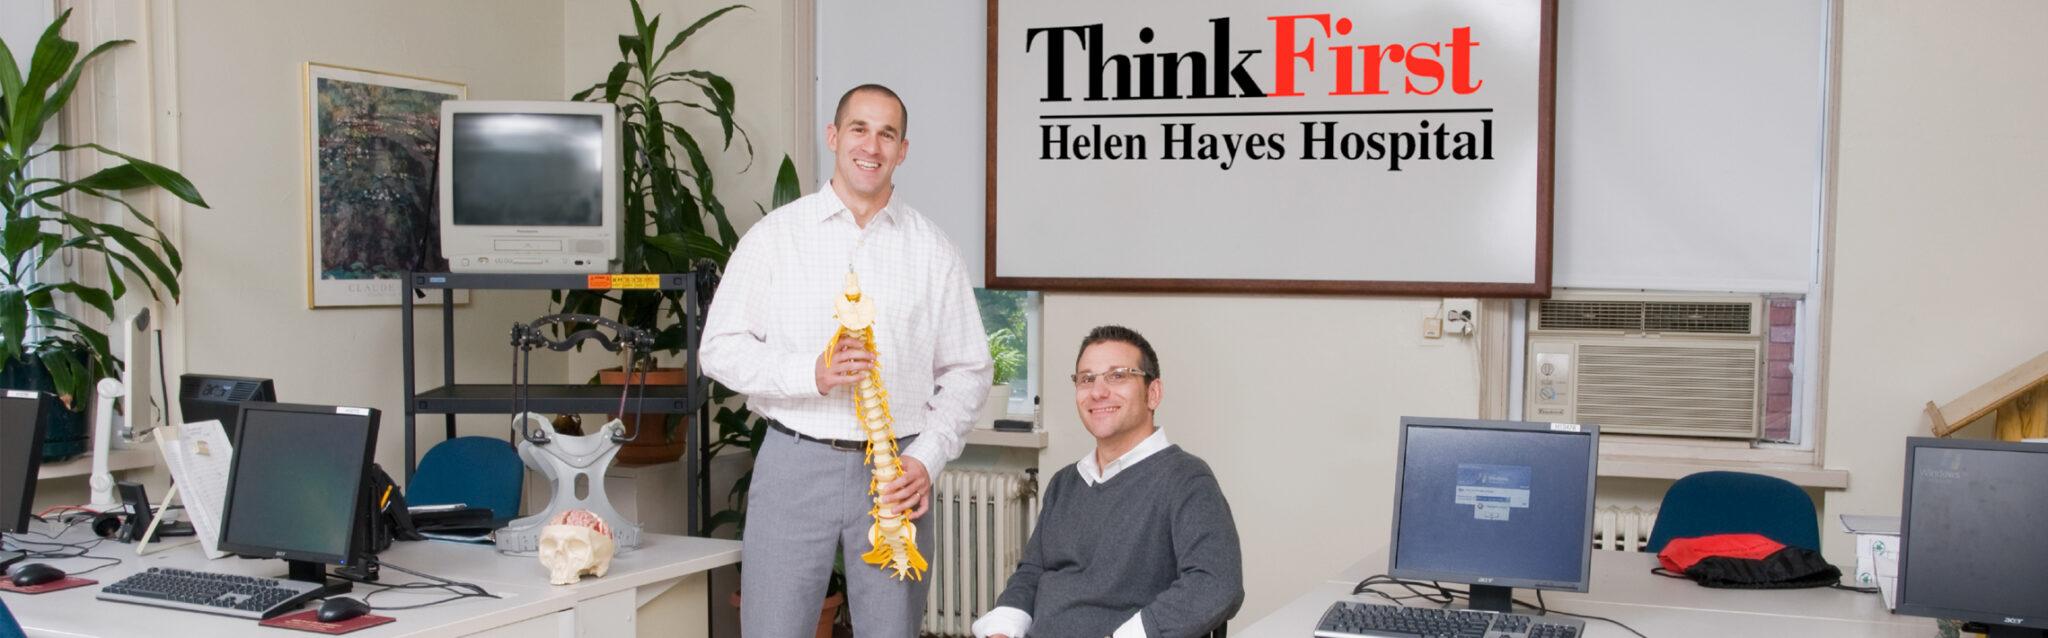 ThinkFirst-banner